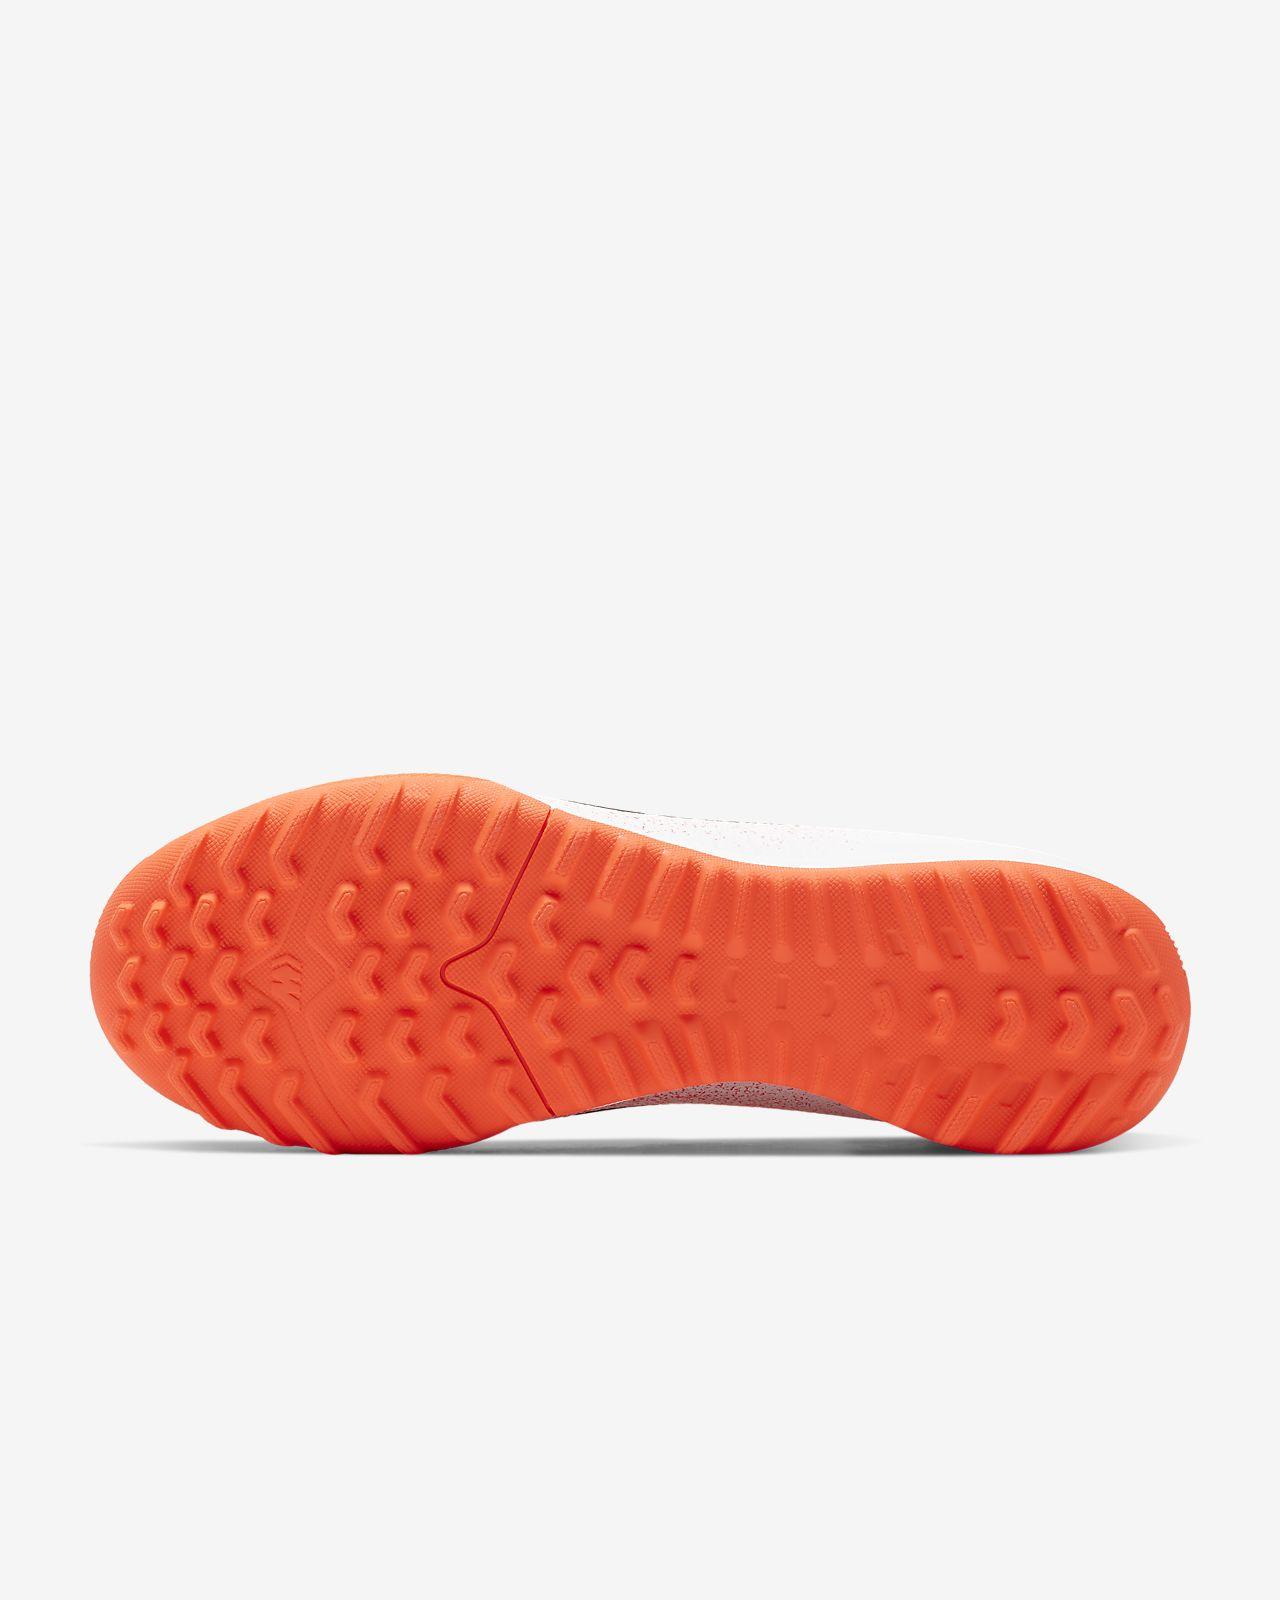 490ea4cc7bb ... Ποδοσφαιρικό παπούτσι για τεχνητό χλοοτάπητα Nike SuperflyX 6 Elite TF